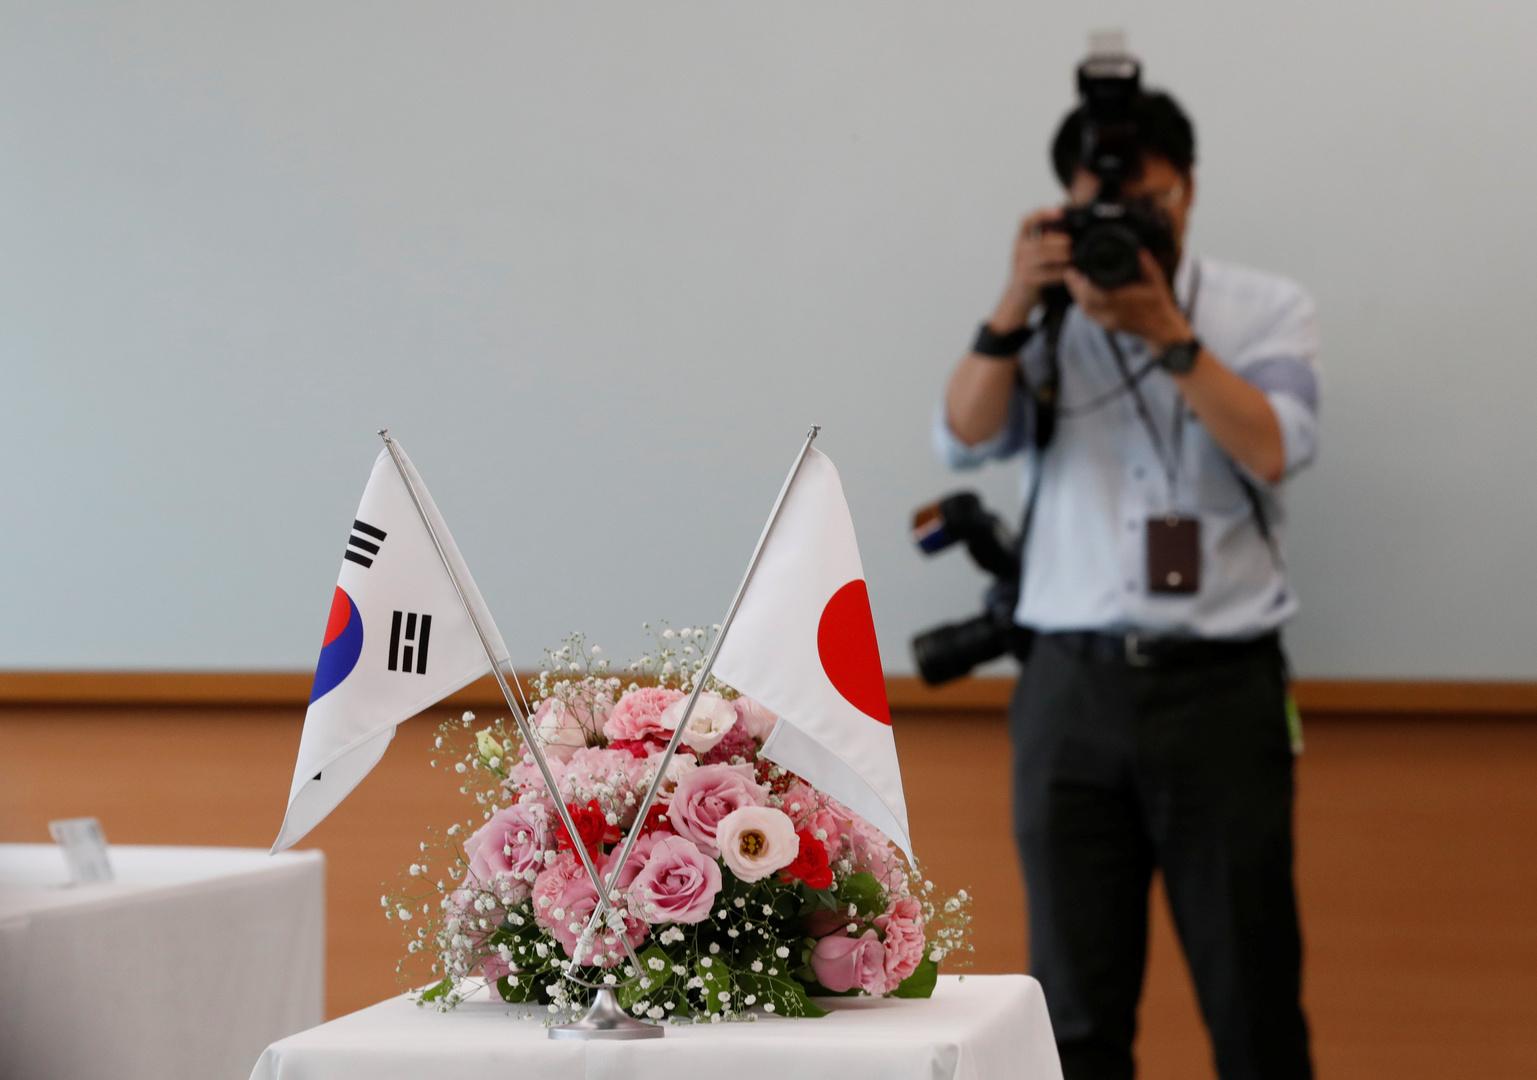 العلم الكوري الجنوبي والعلم الياباني